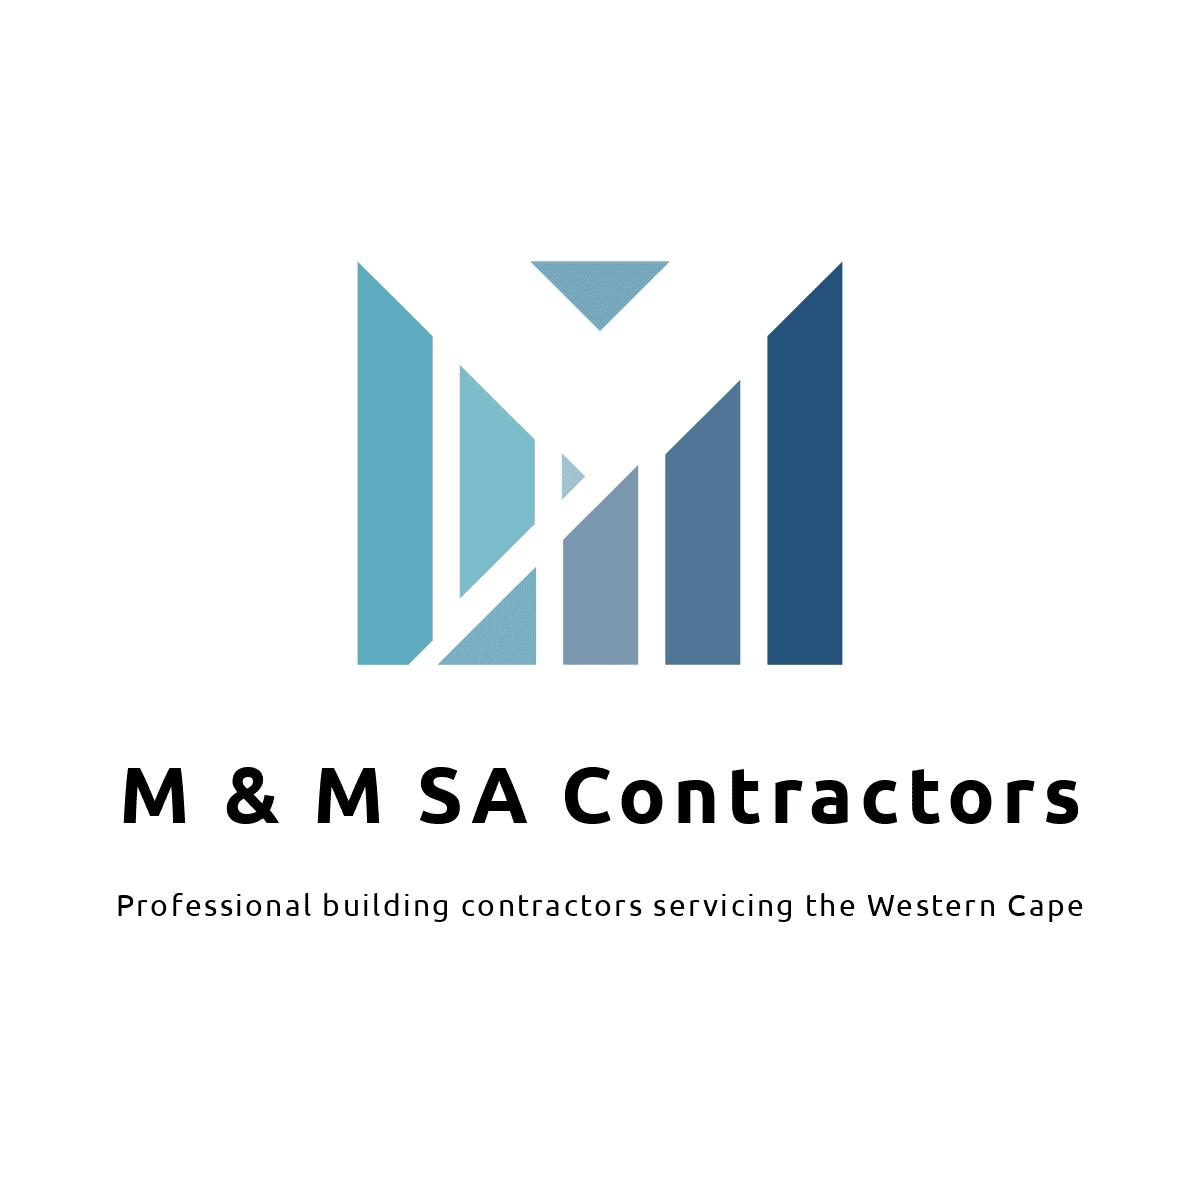 M&M SA CONTRACTORS